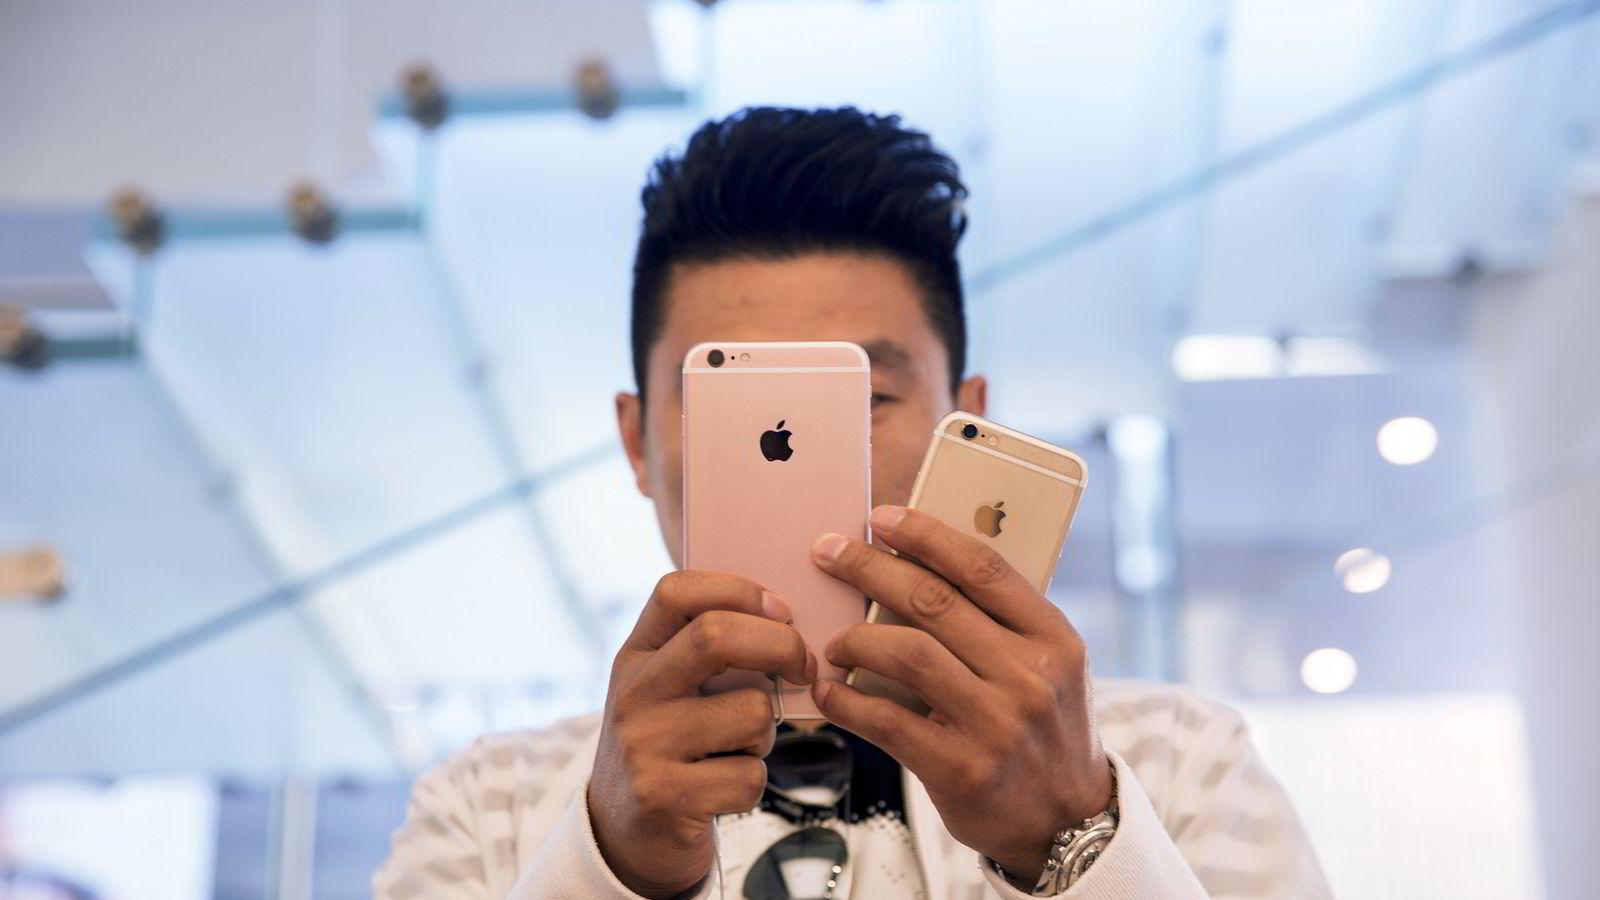 Apple går tøffere tider i møte i Kina. Foto: Damir Sagolj/Reuters/NTB scanpix